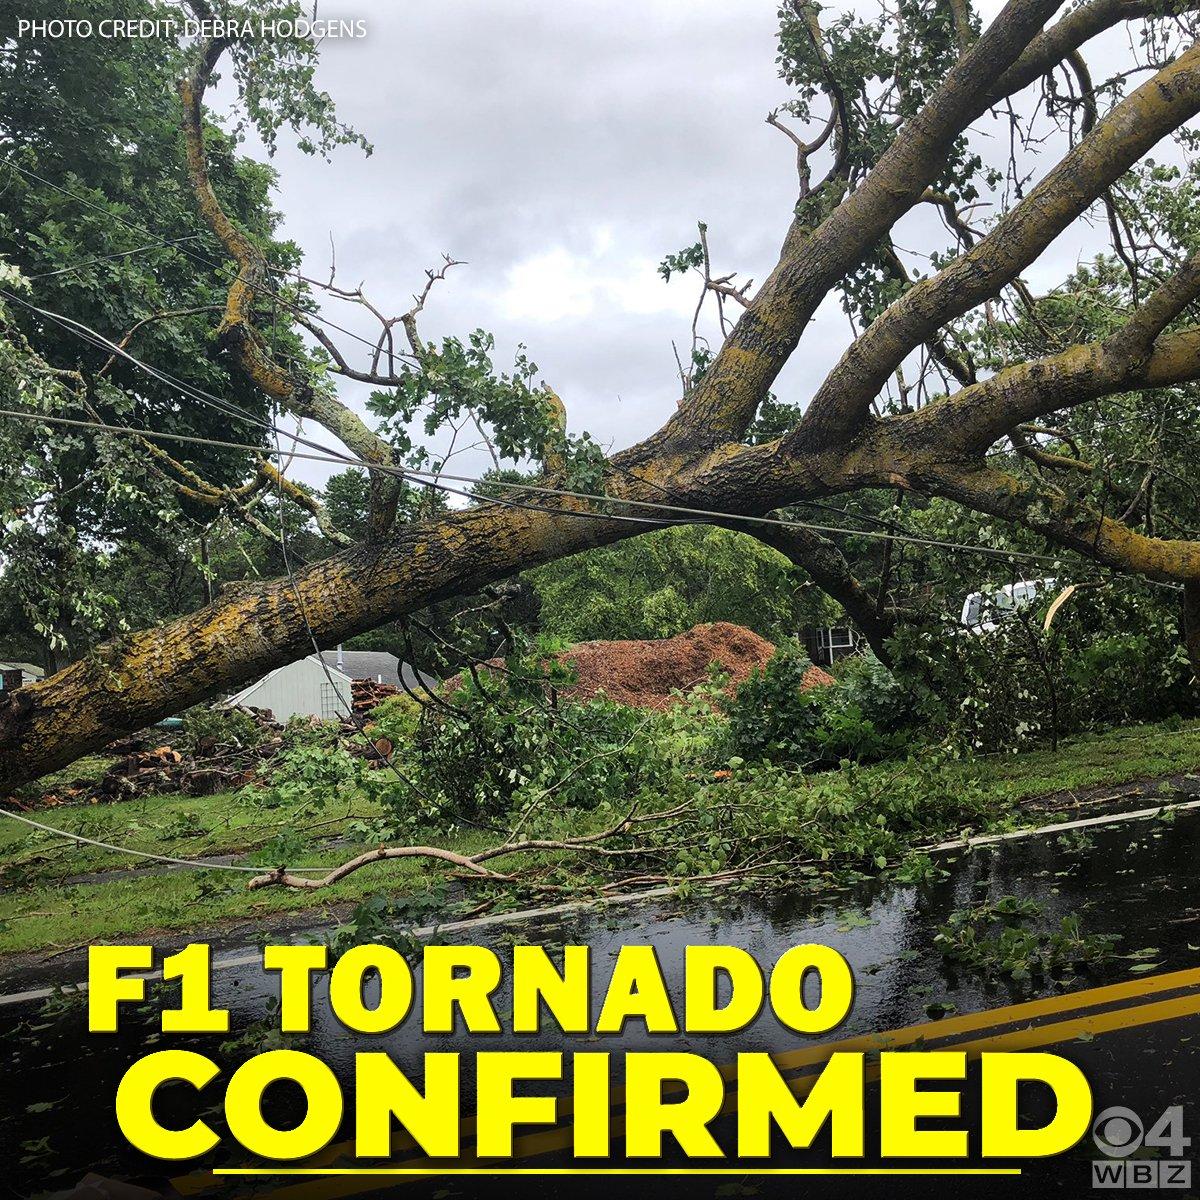 RT @wbz: EF1 Tornado Confirmed On Cape Cod https://t.co/HtJrSd1EBo https://t.co/4UisaayUen